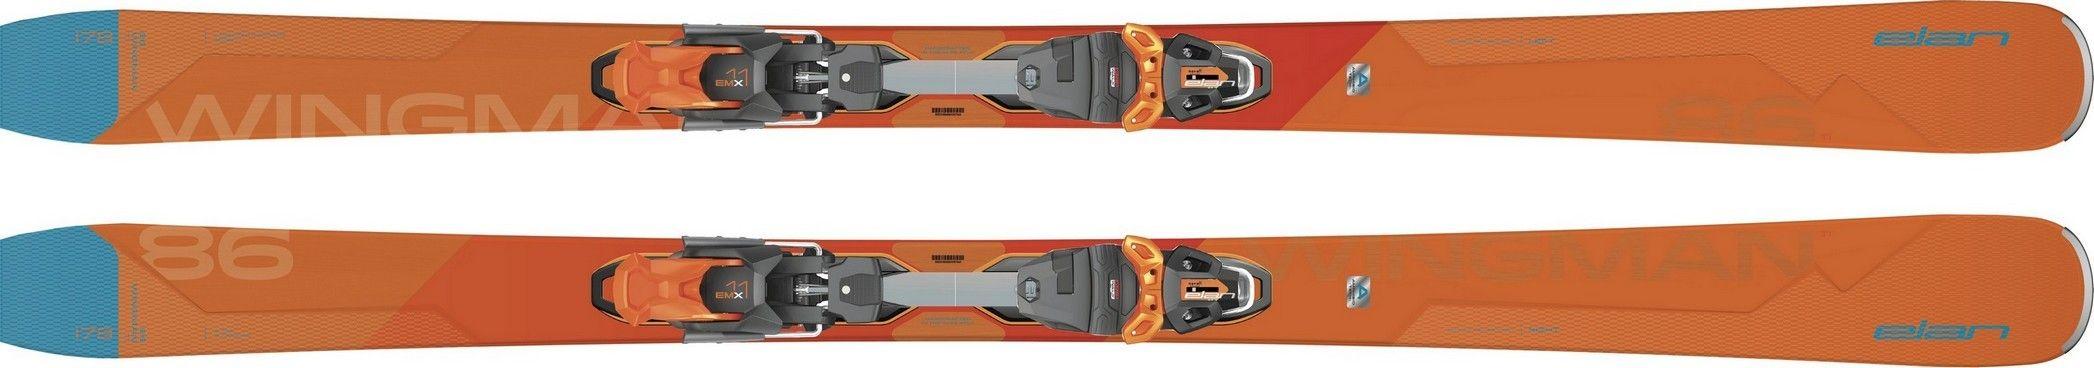 WINGMAN 86 TI Fusion X